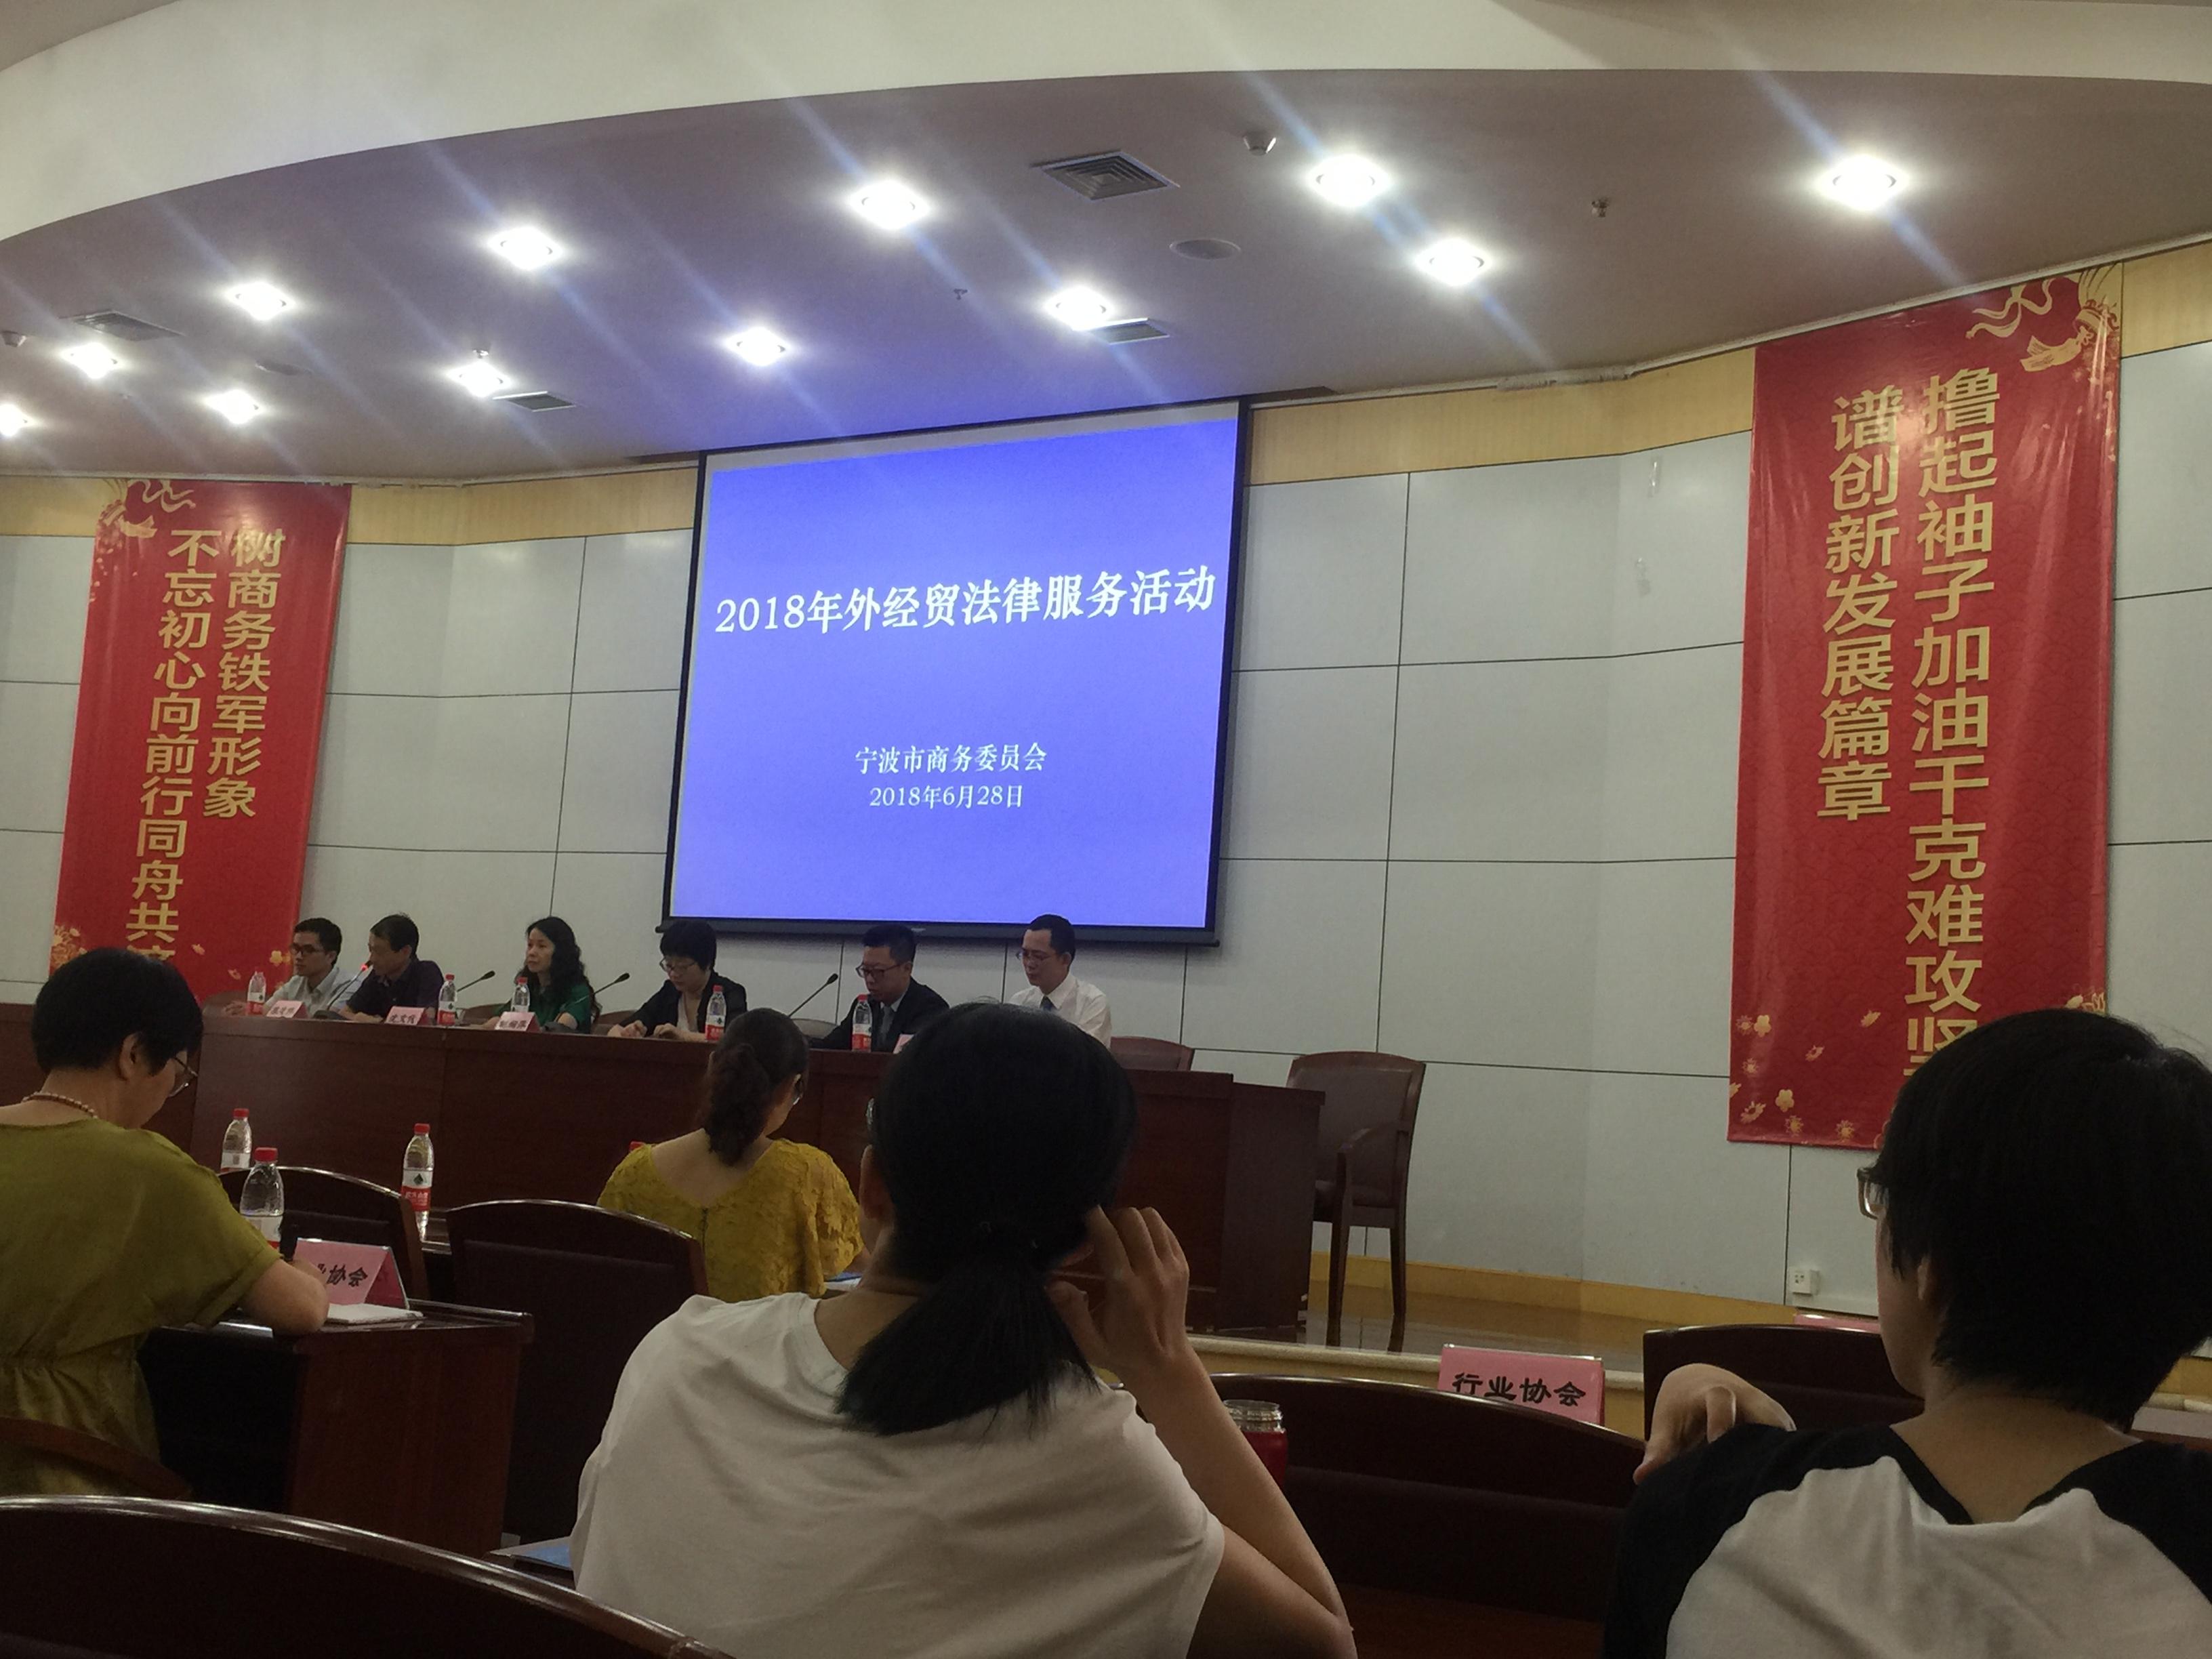 企业如何在国外防范知识产权风险? 律师天团告诉你—外经贸法律服务活动(宁波篇)